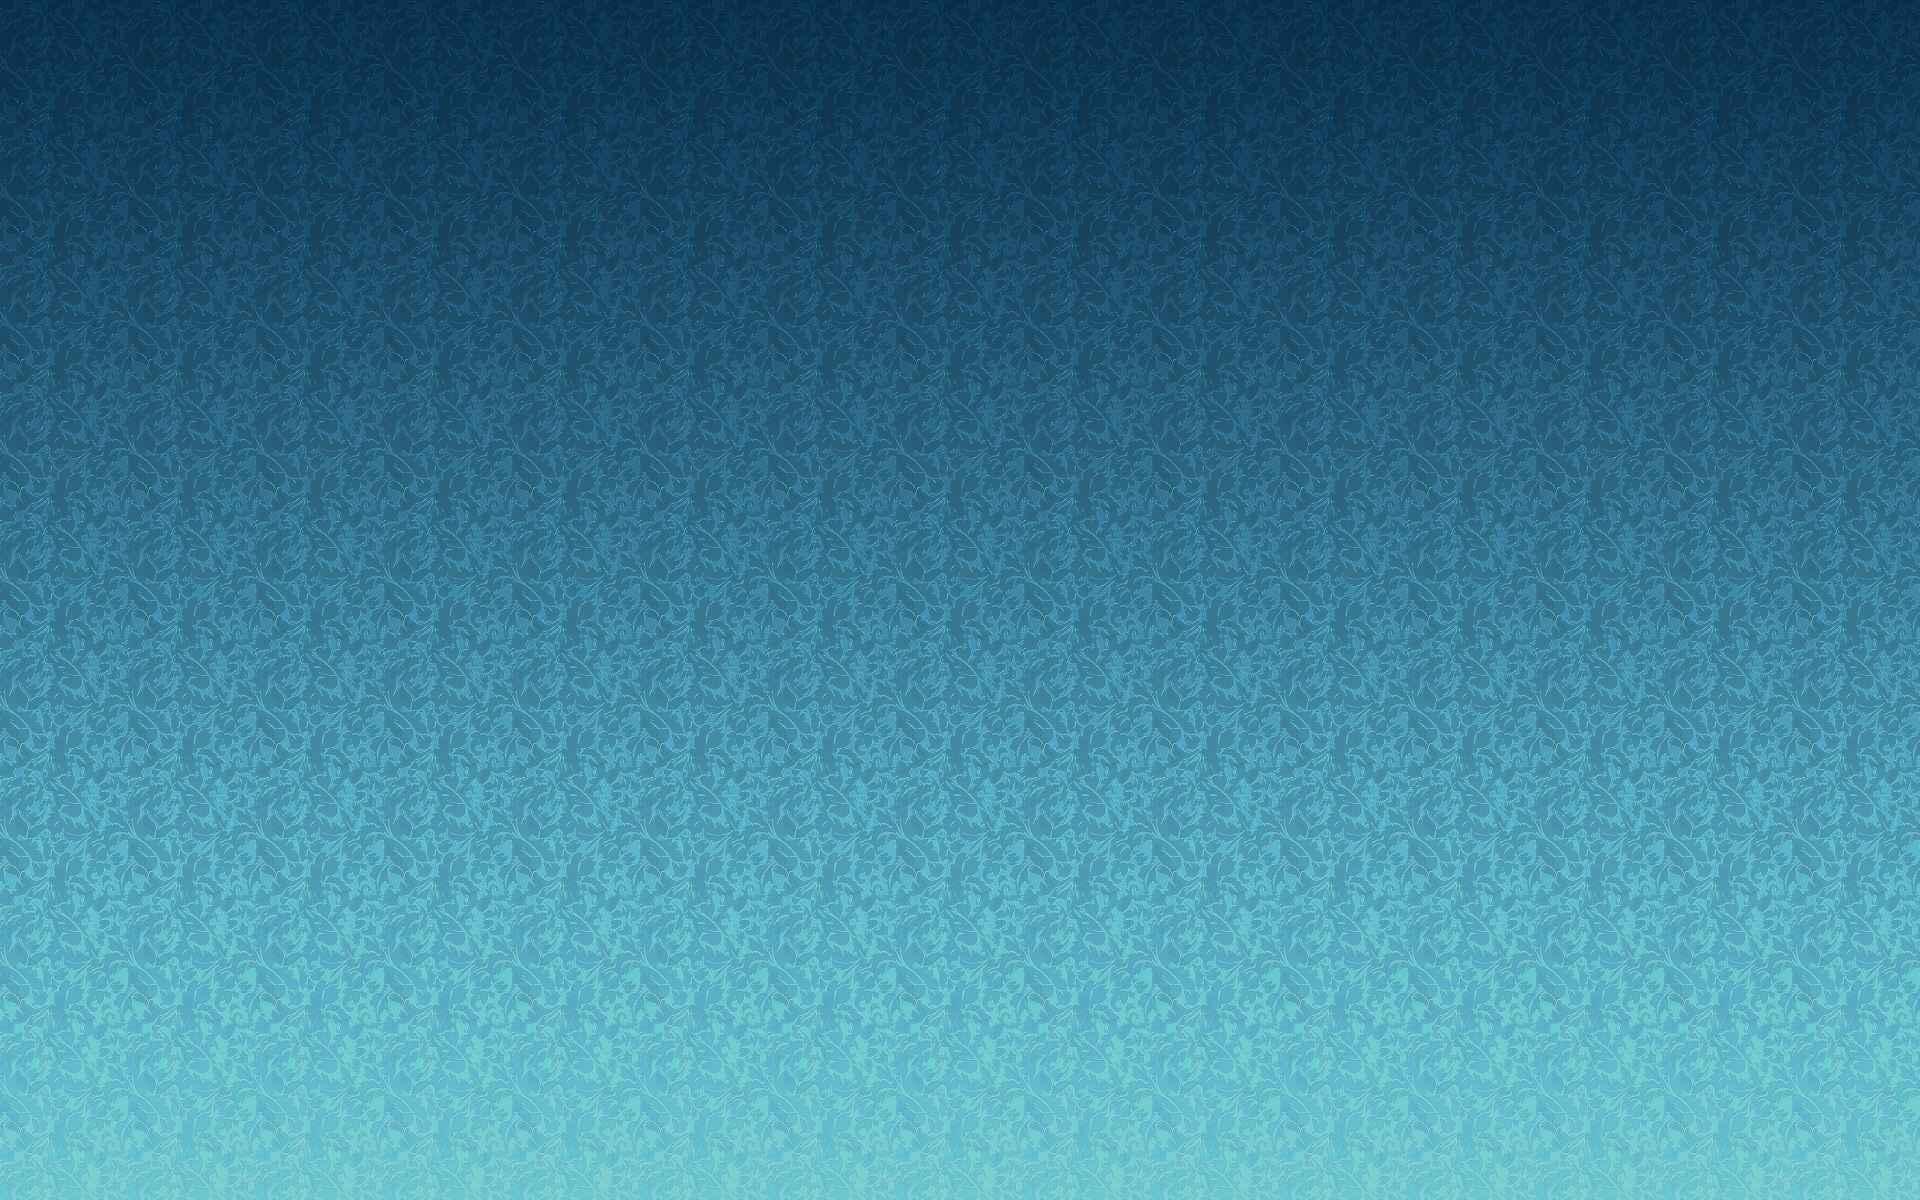 Blue Wallpaper 018